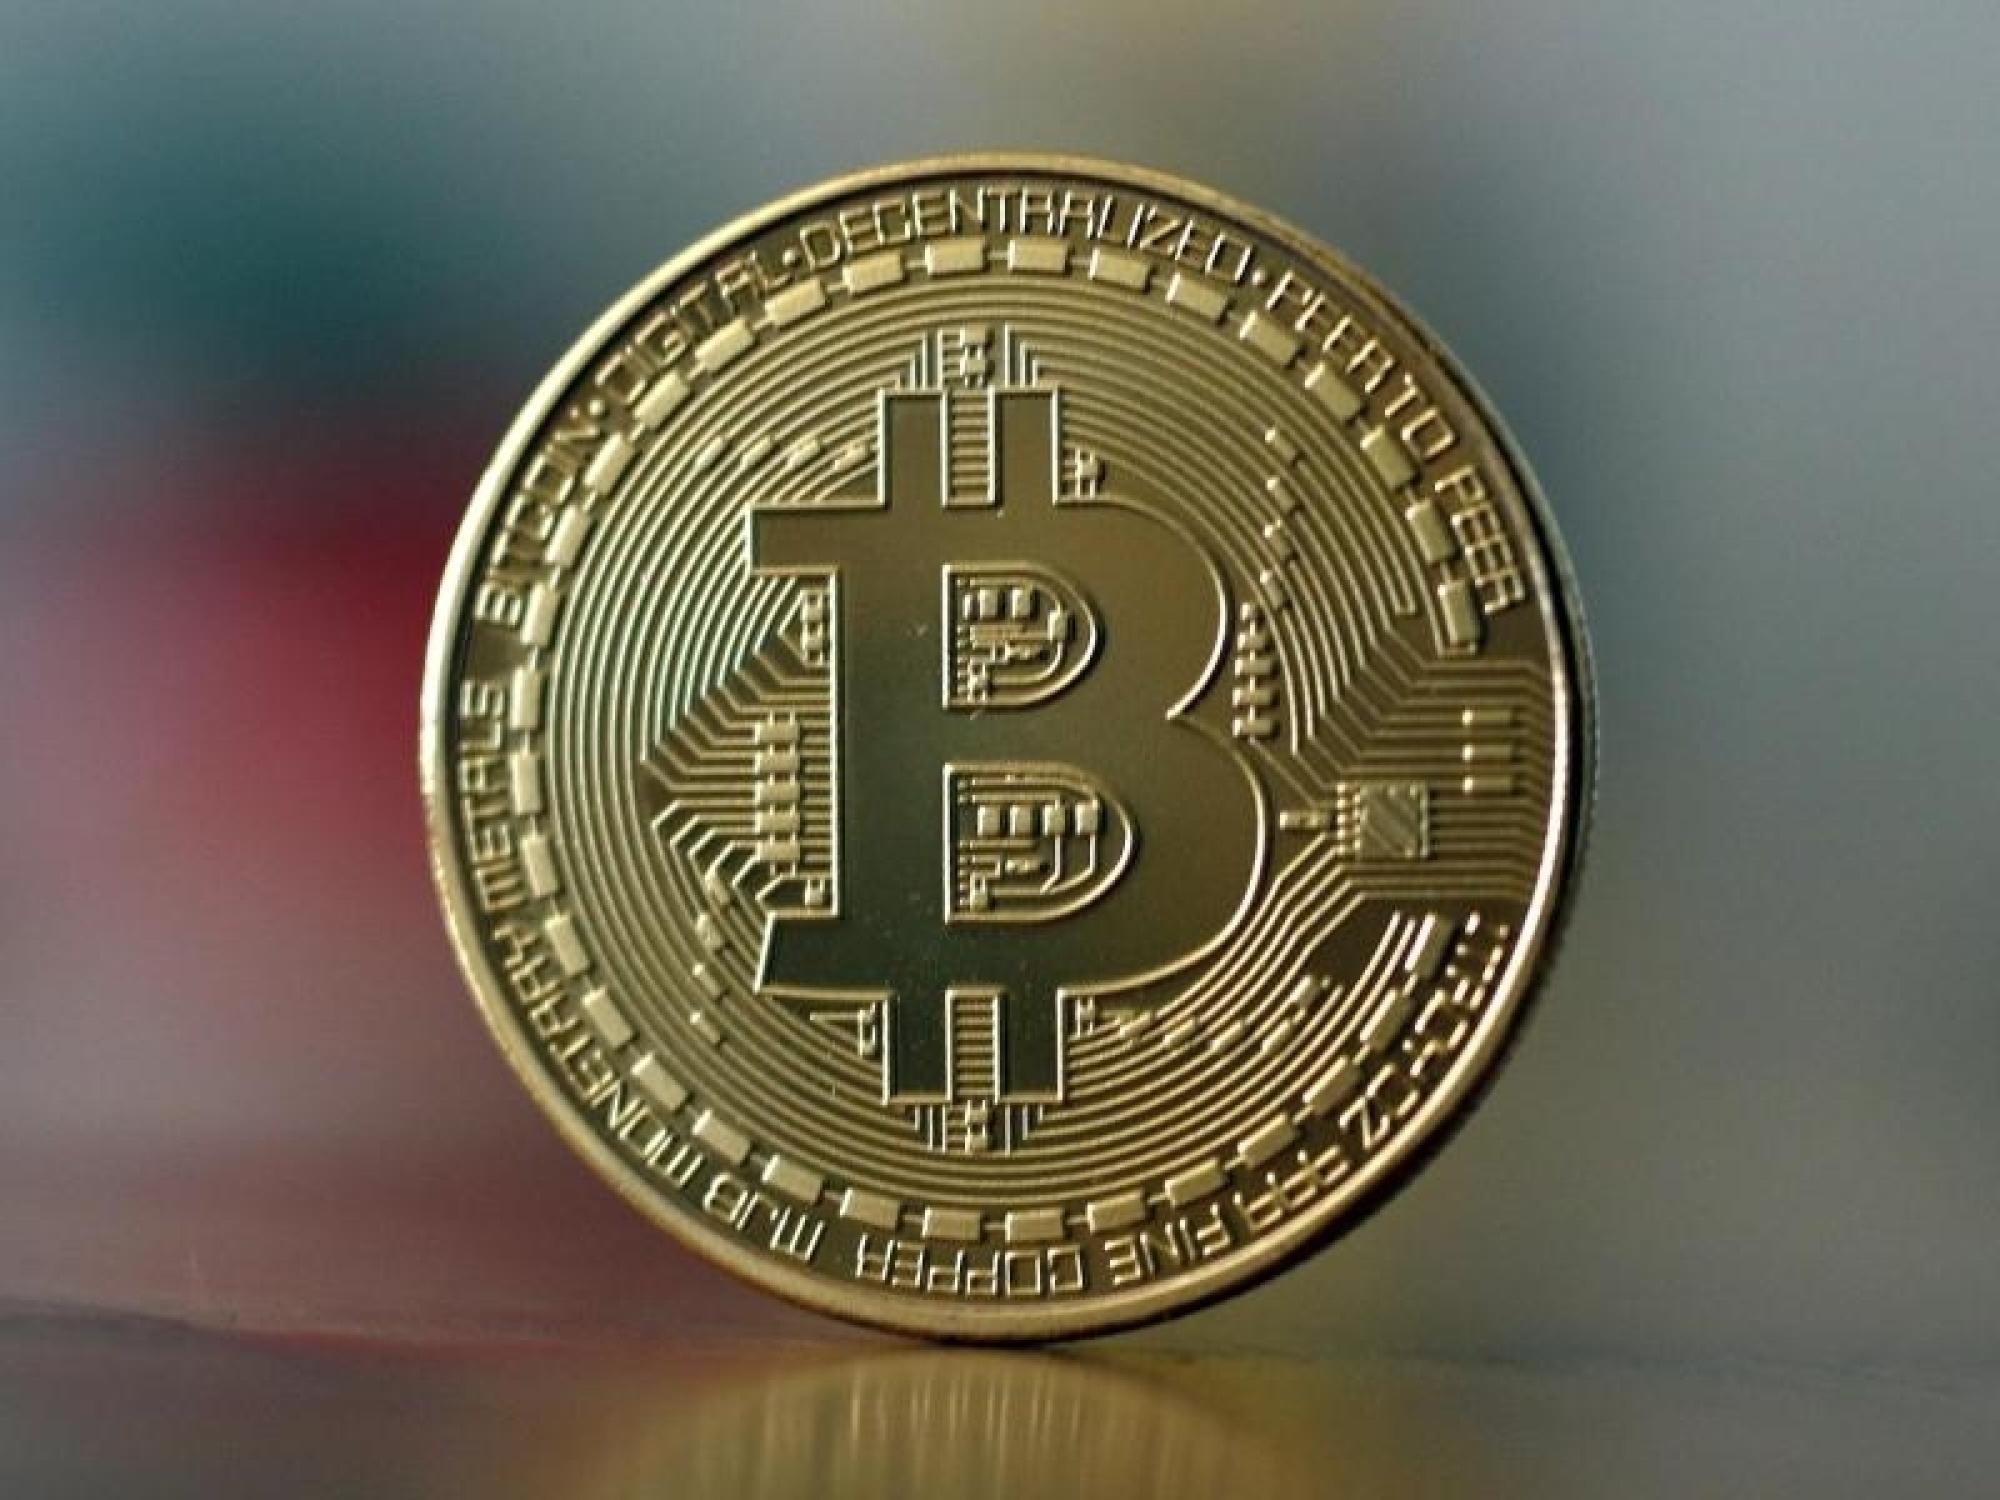 Kryptogeldhandel: Bitcoinkurs zeitweise unter 10.000 US-Dollar